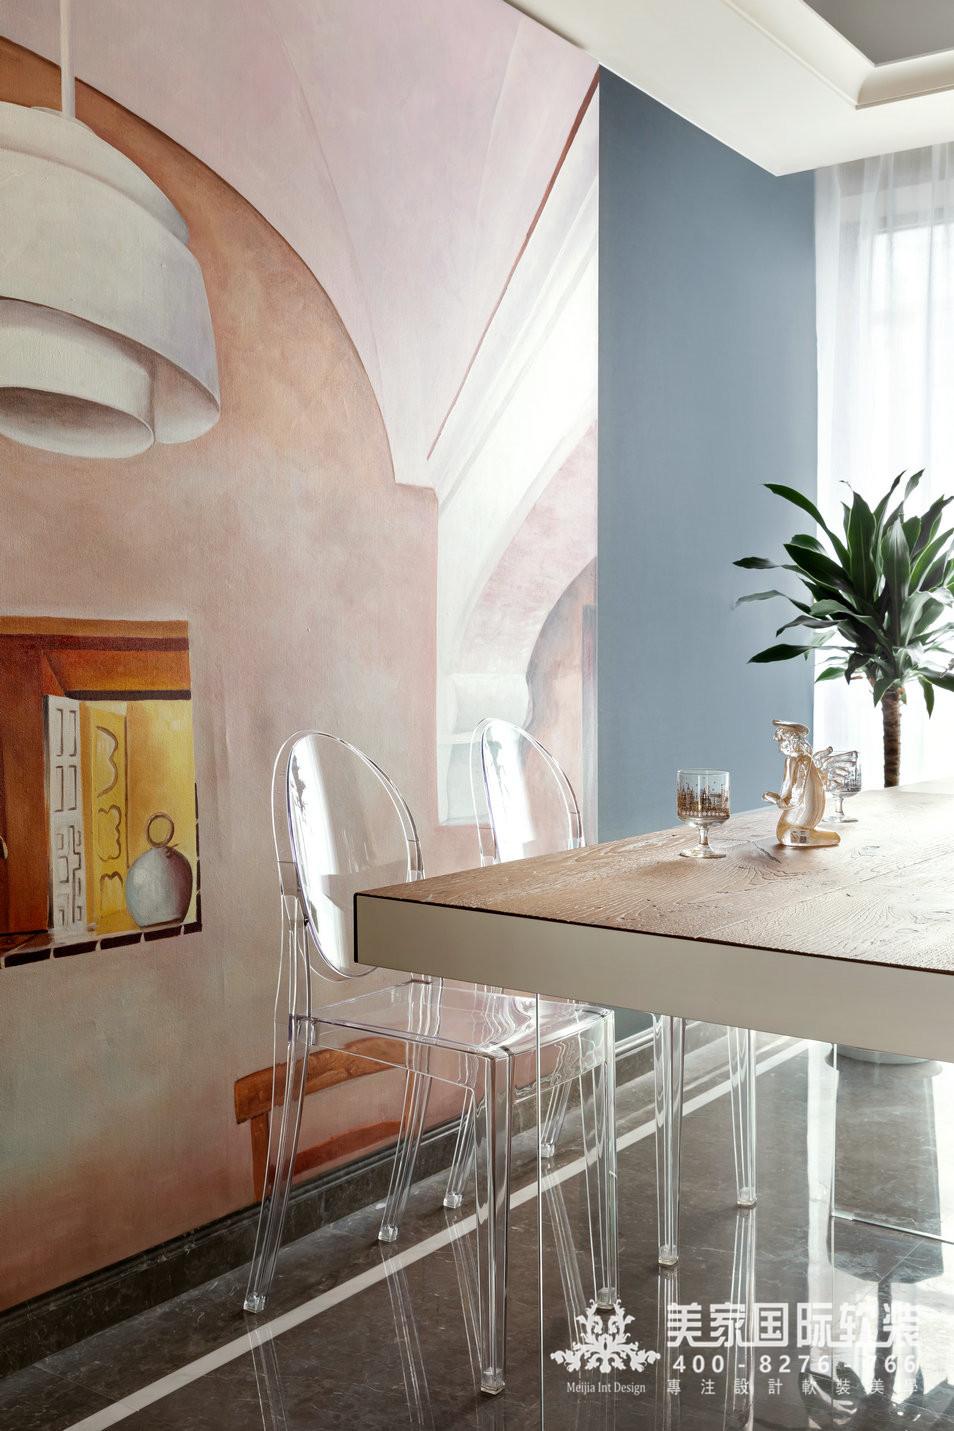 綠城留香園軟裝修設計案例——餐廳實景圖